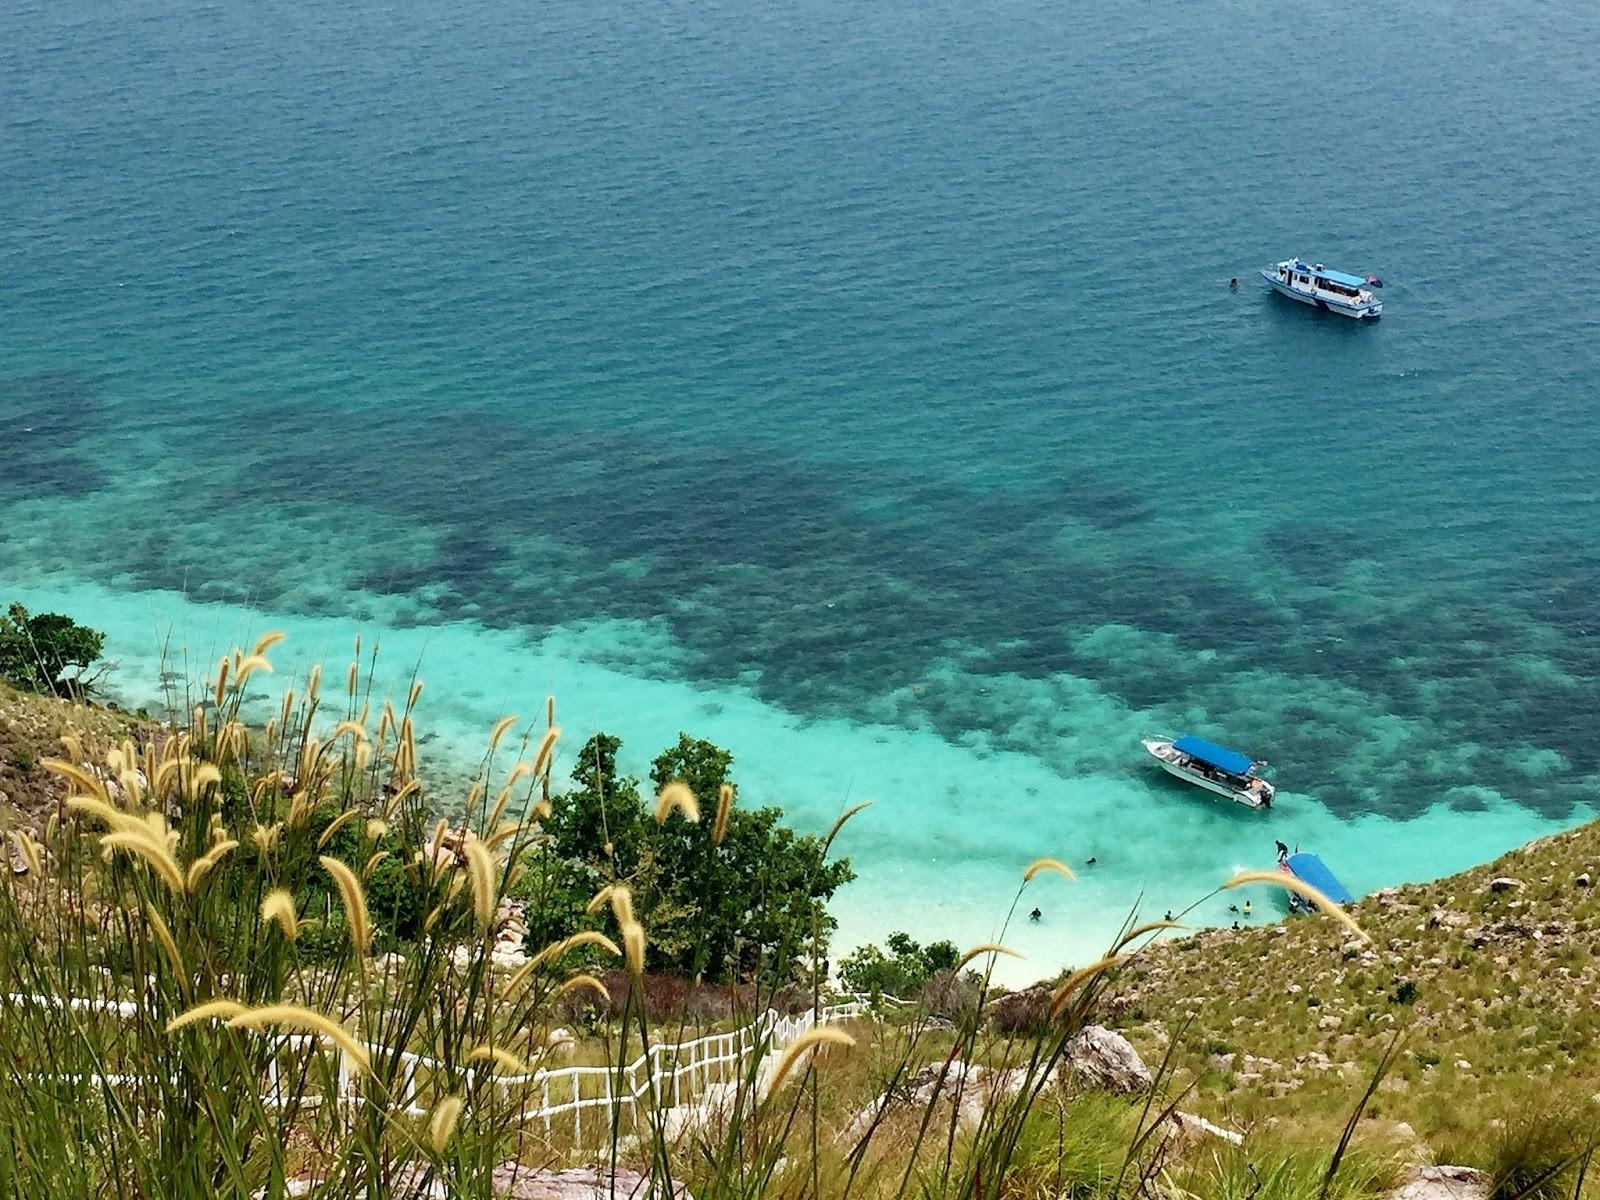 Pulau Harimau Johor Bahru